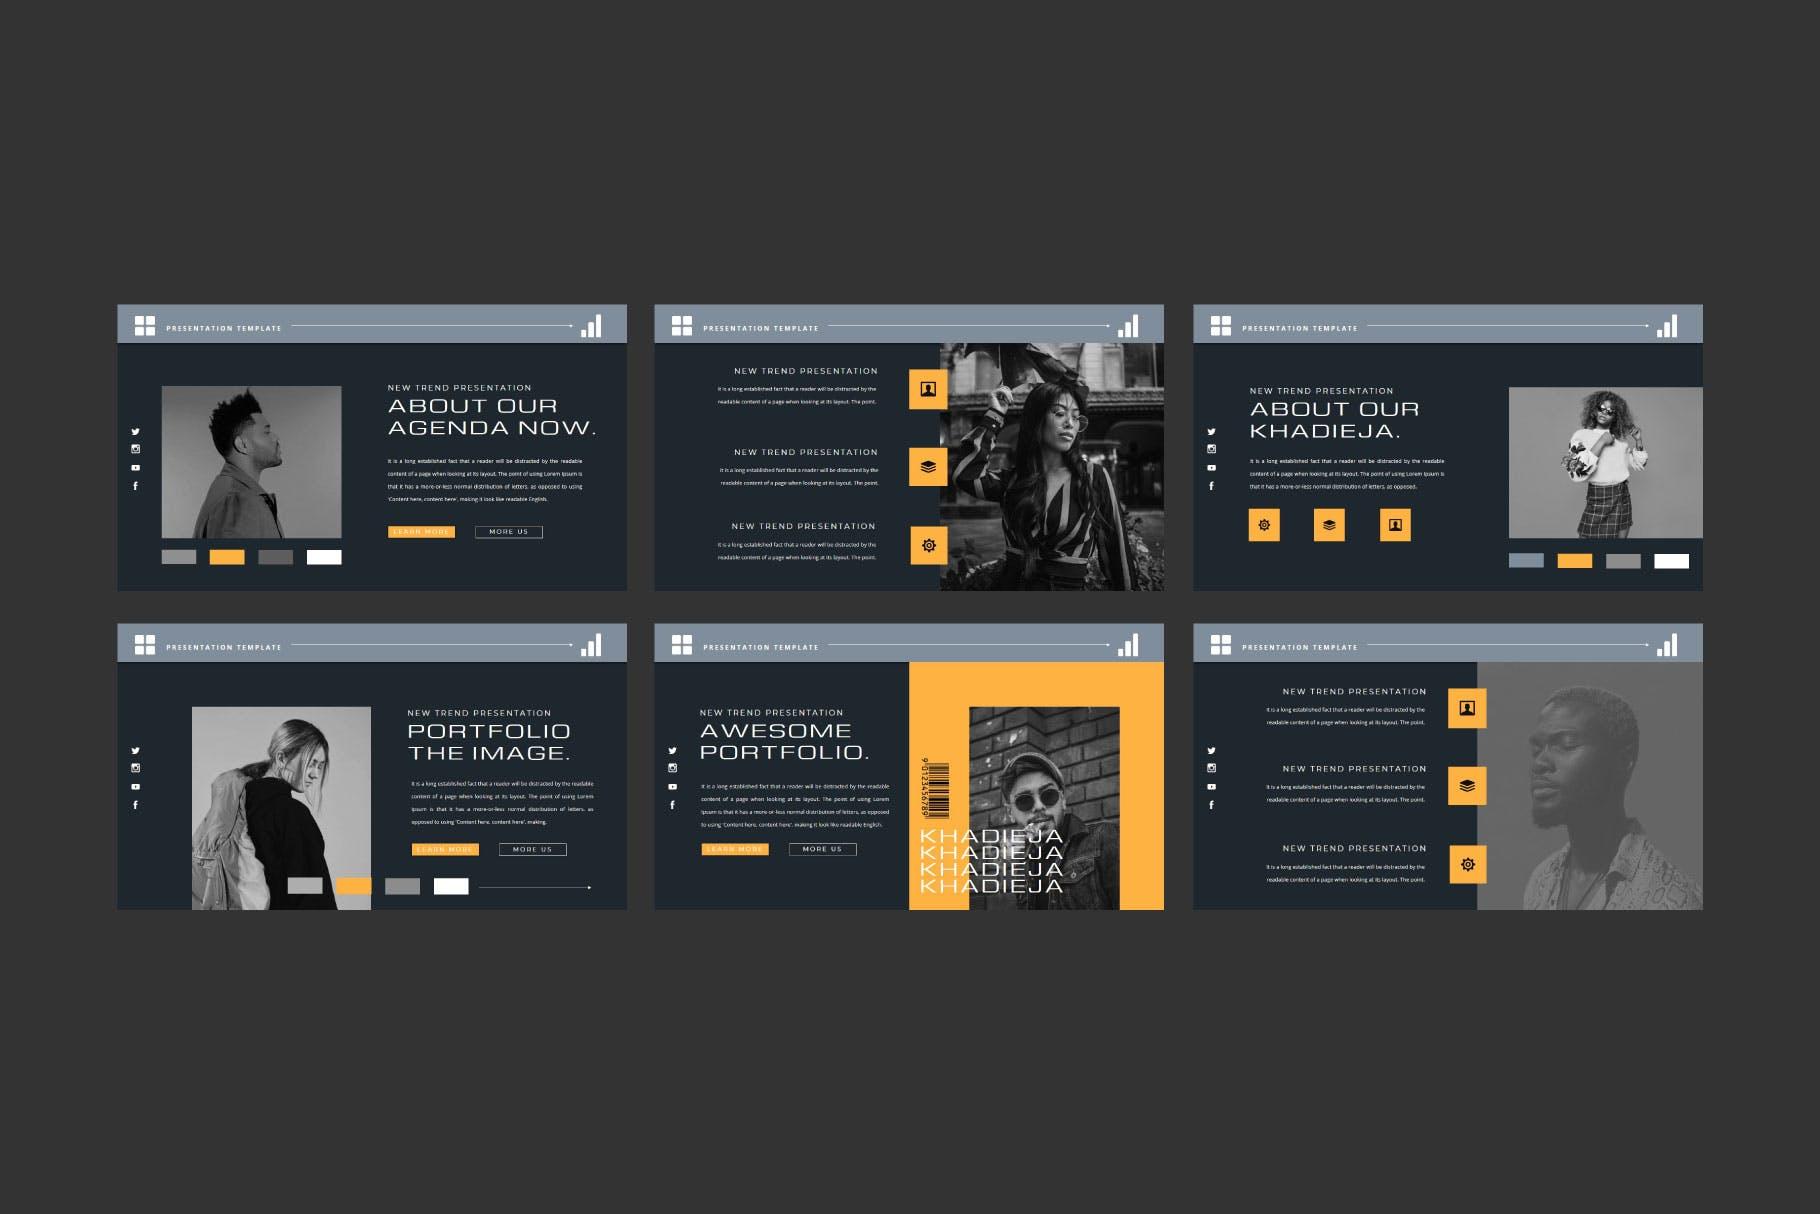 潮流品牌策划提案简报作品集设计演示文稿模板 KHADIEJA Powerpoint Template插图7